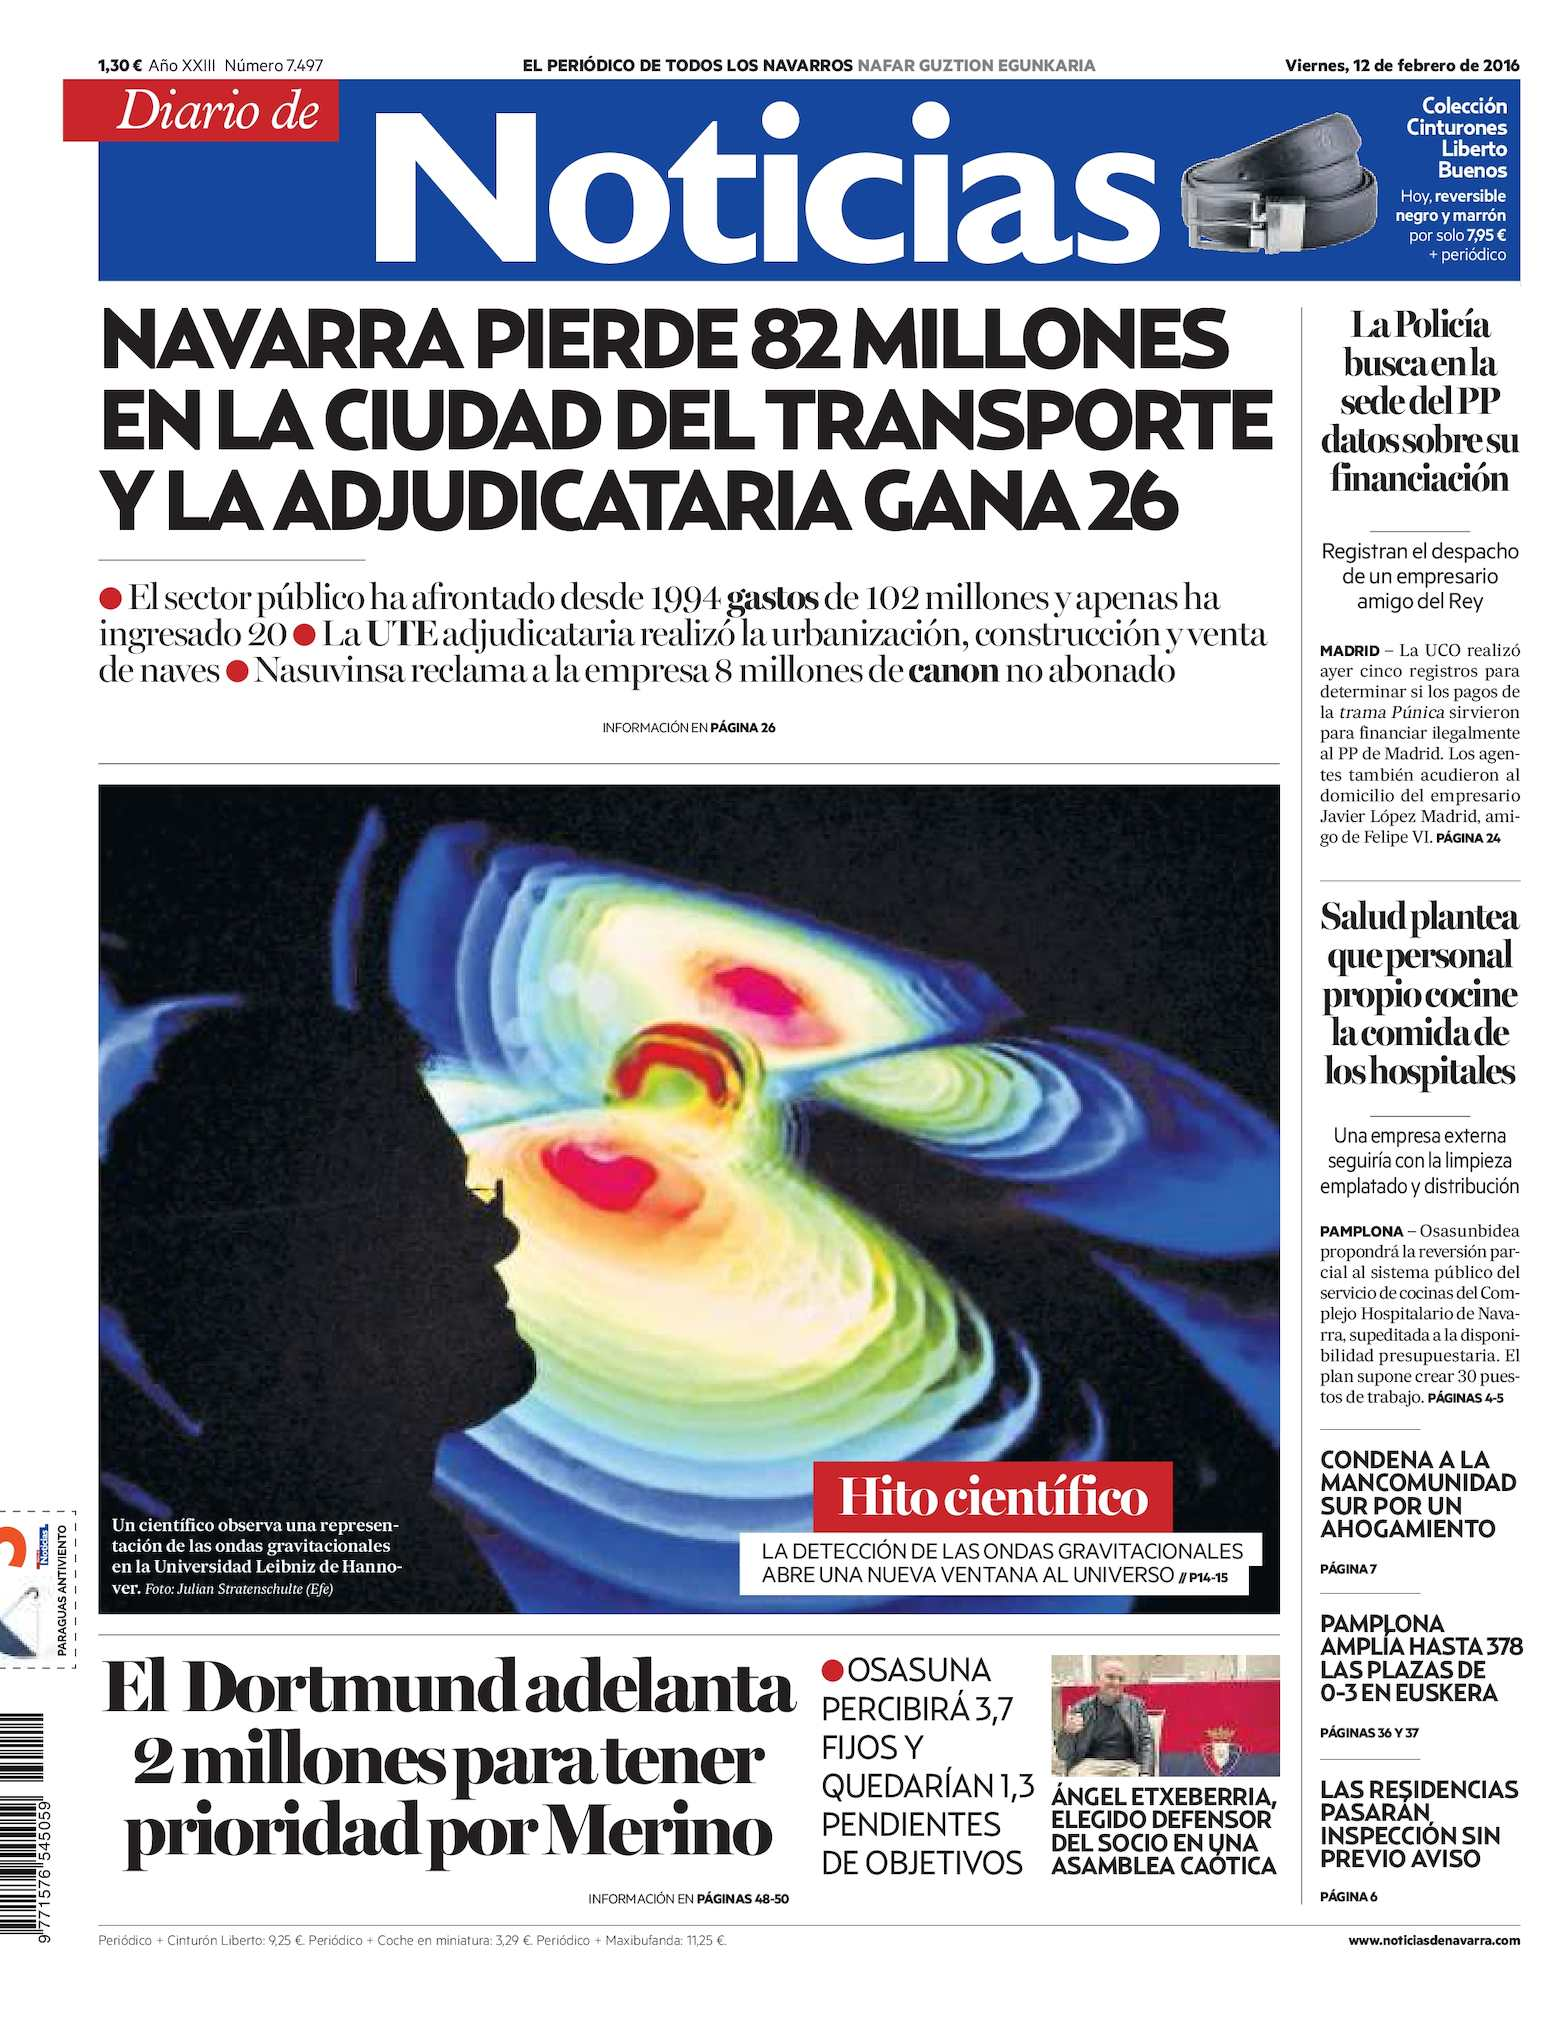 3d940638d1 Calaméo - Diario de Noticias 20160212